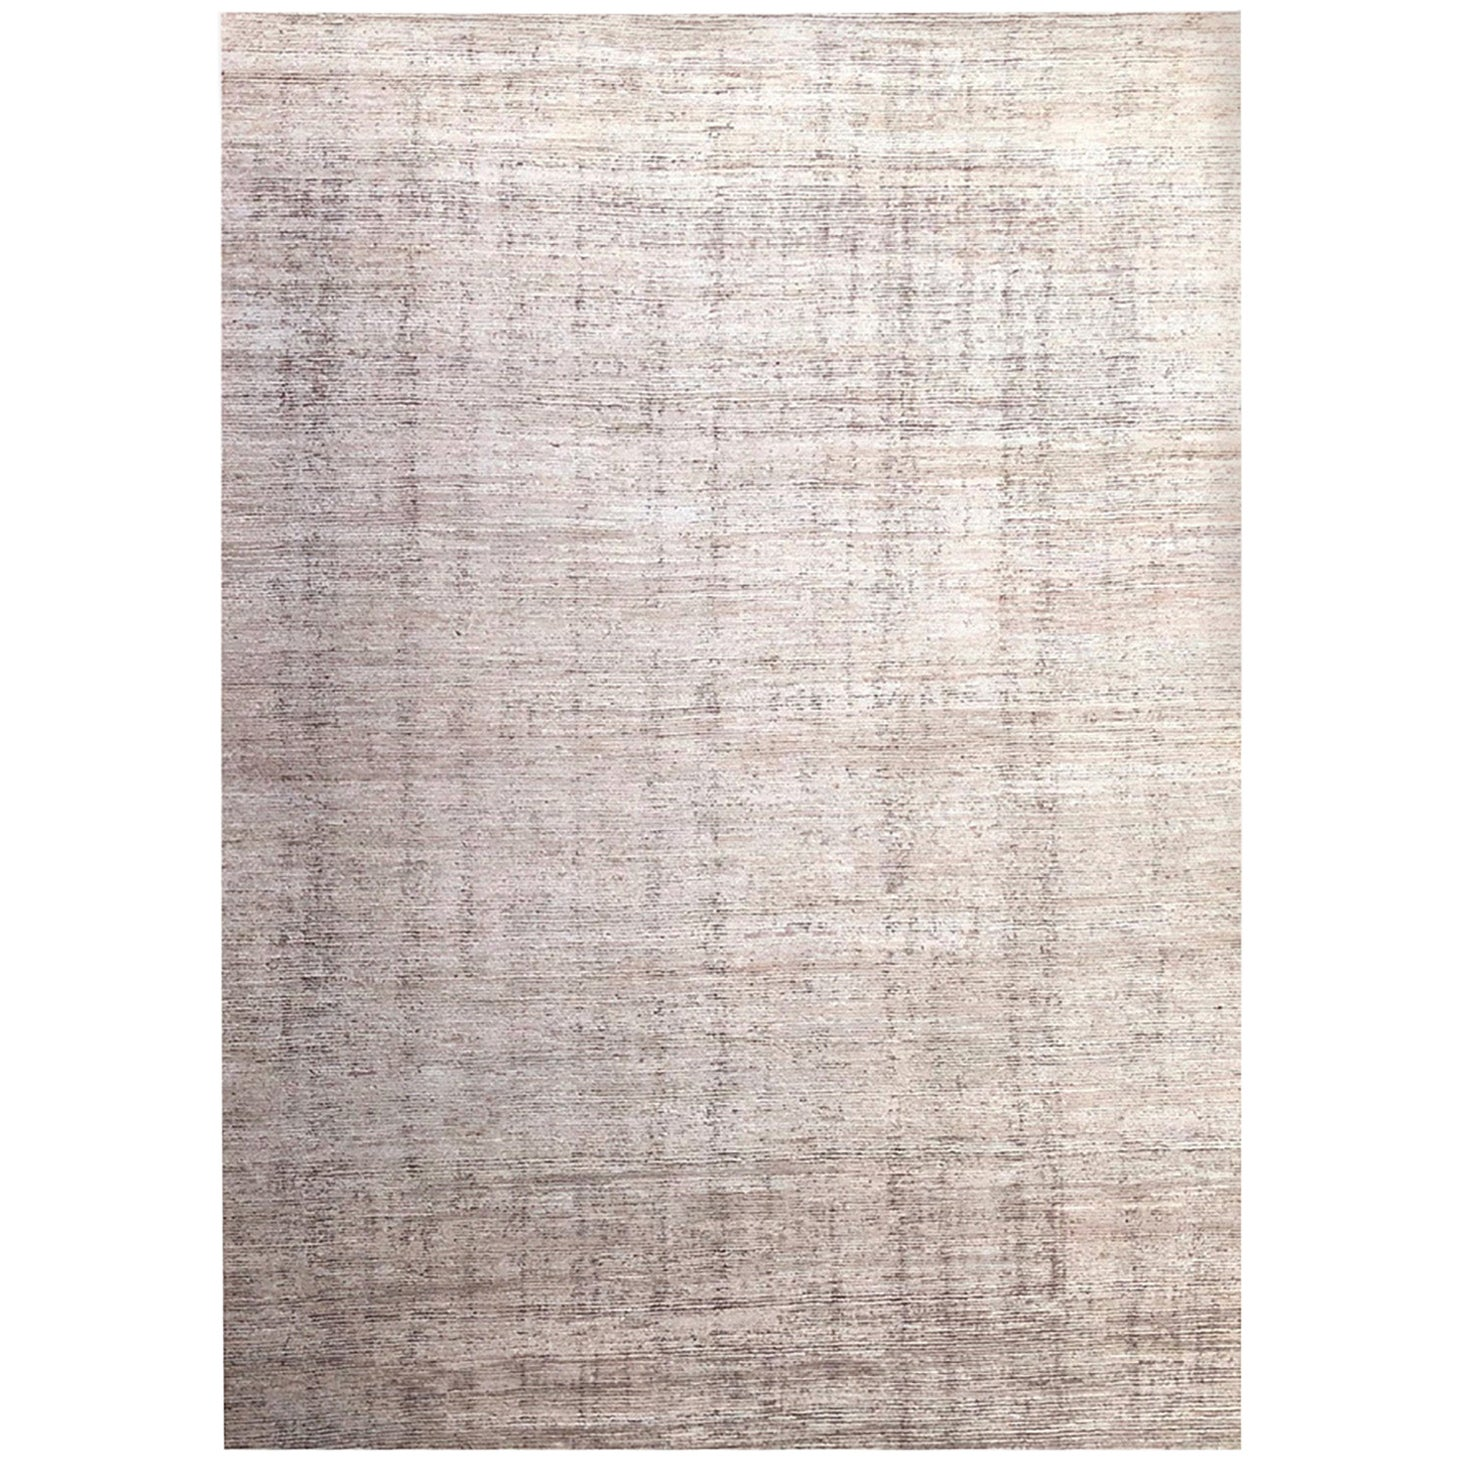 Handmade Modern Rug Gray and Beige Plain by Rug & Kilim